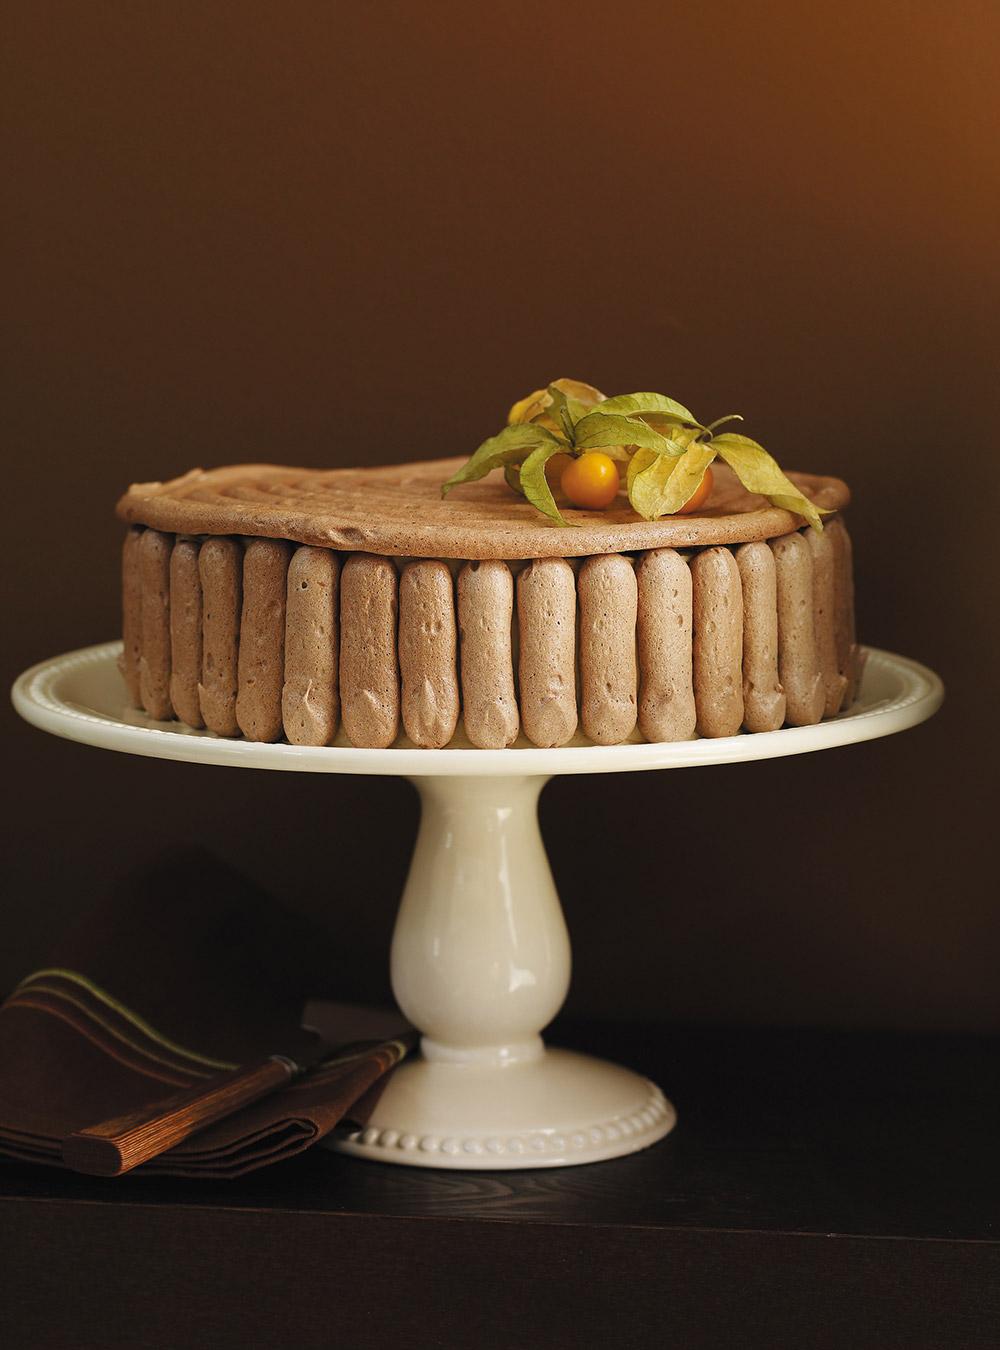 Gâteau au café et meringue au chocolat   ricardo